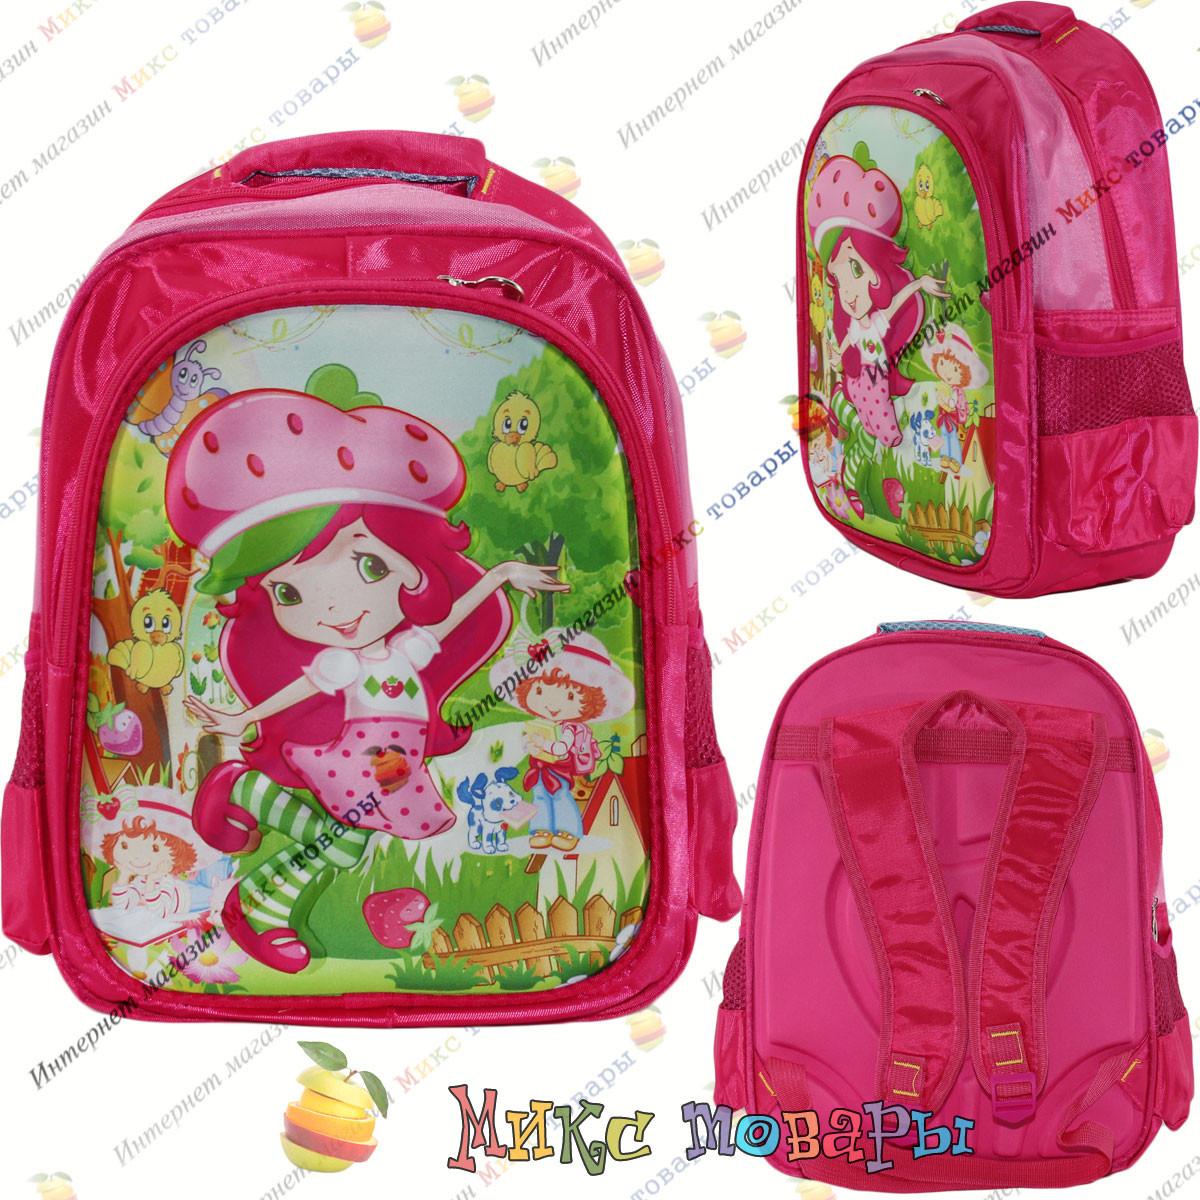 0de5c76978ea Купить Рюкзаки для девочек в школу (yo09023) оптом. Прямые поставки ...